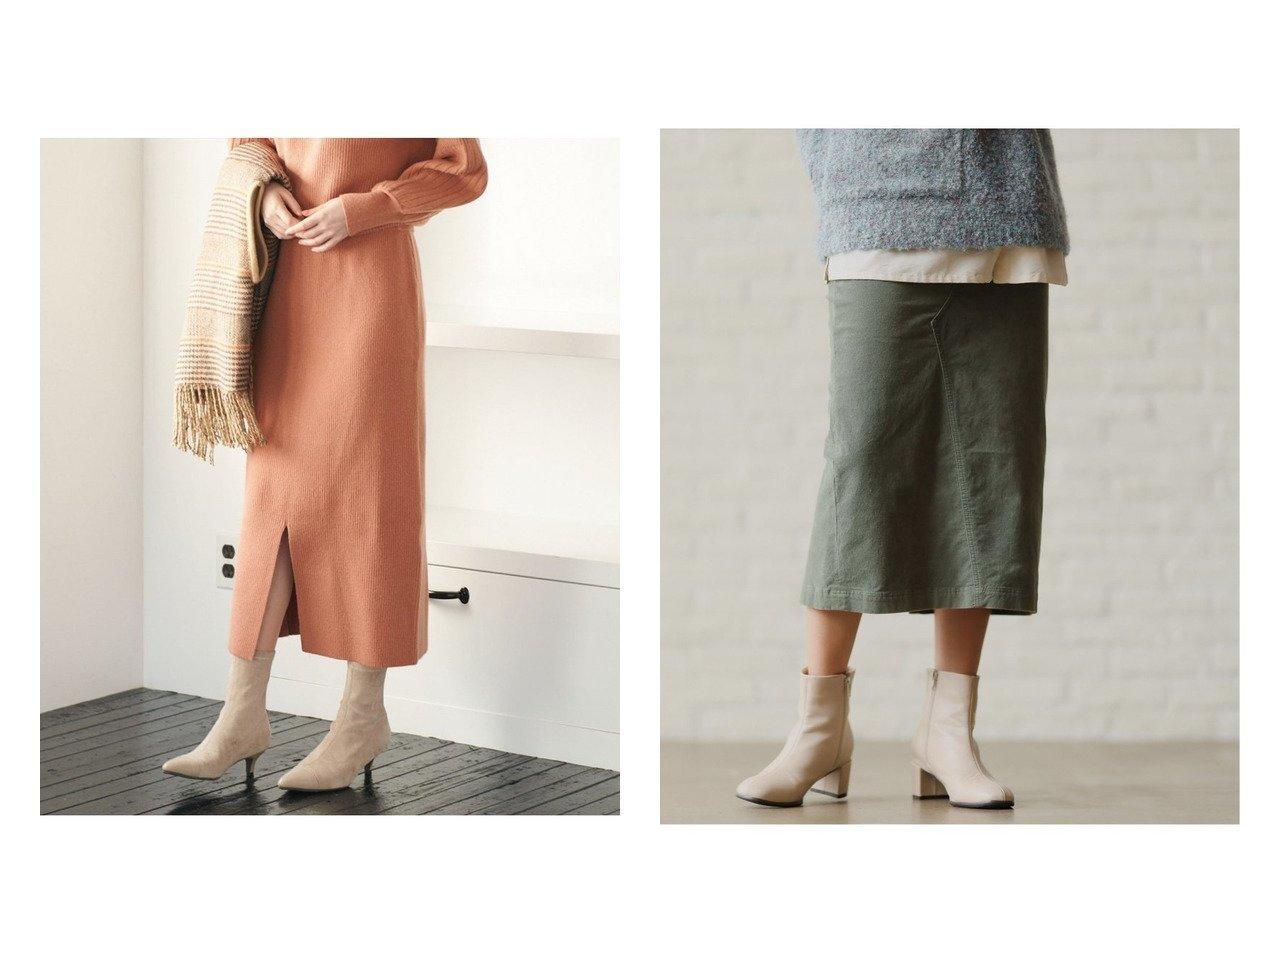 【niko and…/ニコアンド】のアヤコーデワークタイトSK&【VIS/ビス】の【セットアップ対応】フロントワイドリブニットスカート スカートのおすすめ!人気、レディースファッションの通販 おすすめで人気のファッション通販商品 インテリア・家具・キッズファッション・メンズファッション・レディースファッション・服の通販 founy(ファニー) https://founy.com/ ファッション Fashion レディース WOMEN セットアップ Setup スカート Skirt スカート Skirt スリット セットアップ センター ワイドリブ シンプル ジャケット タイトスカート ポケット 人気  ID:crp329100000003178